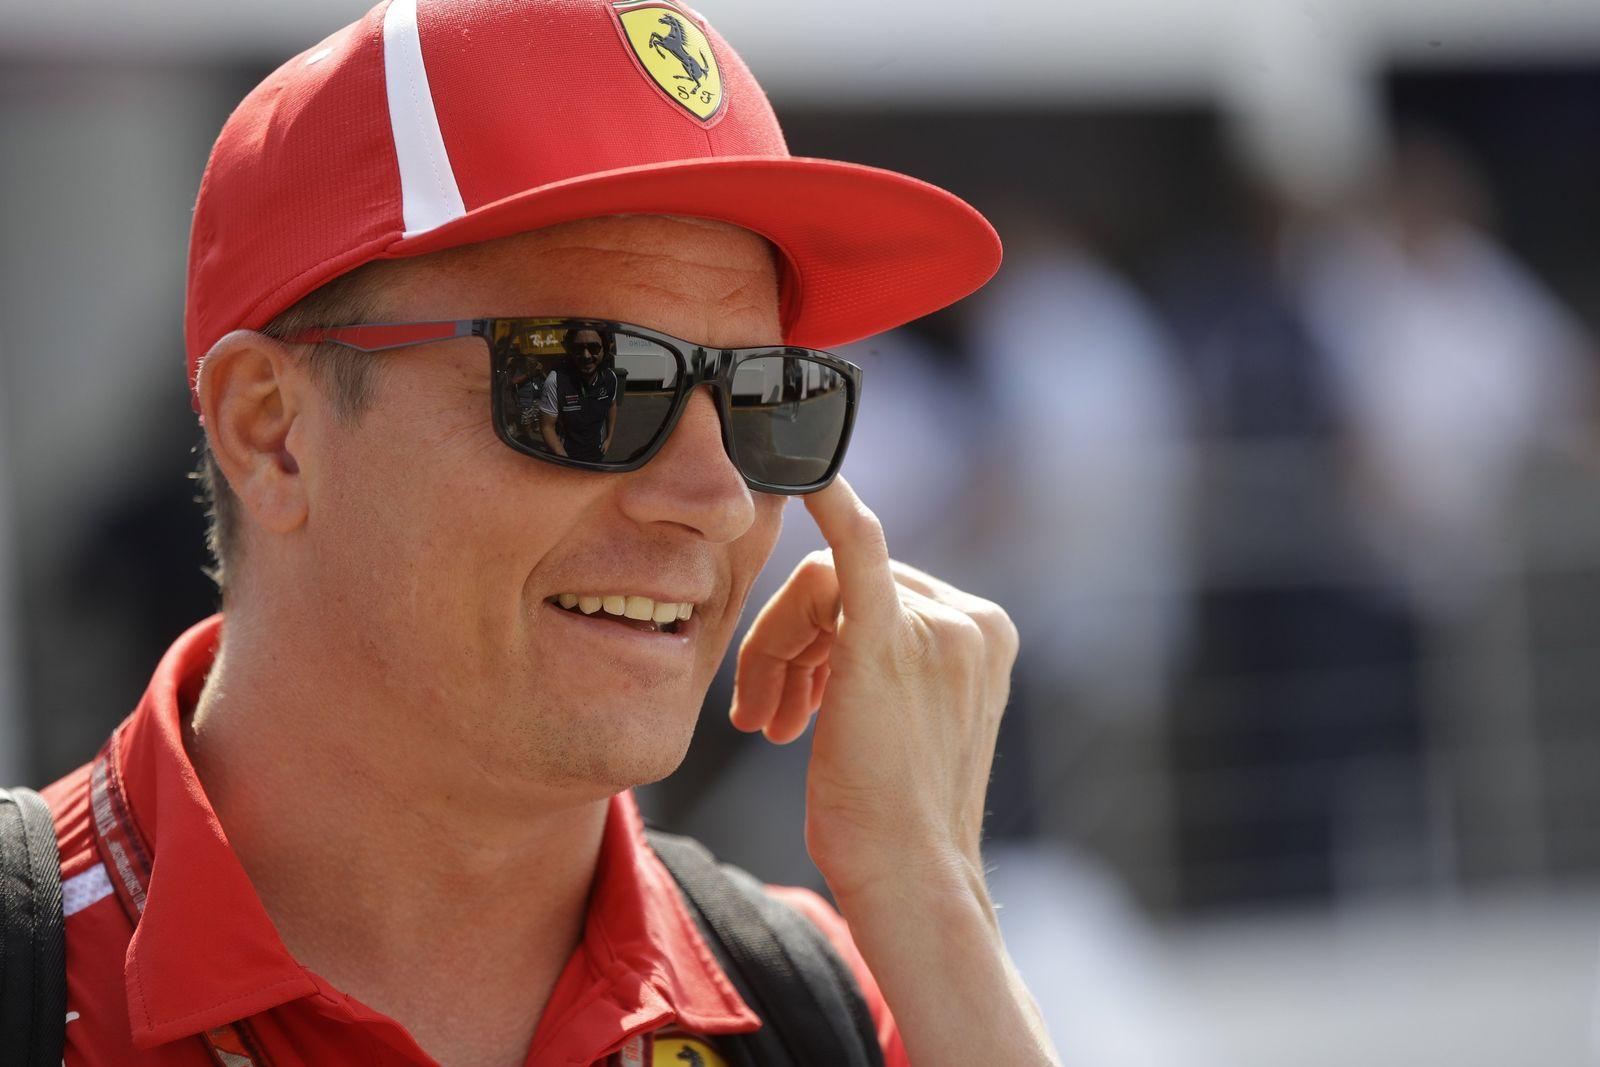 F1 Grand Prix von Italien - Ankunft der Fahrer